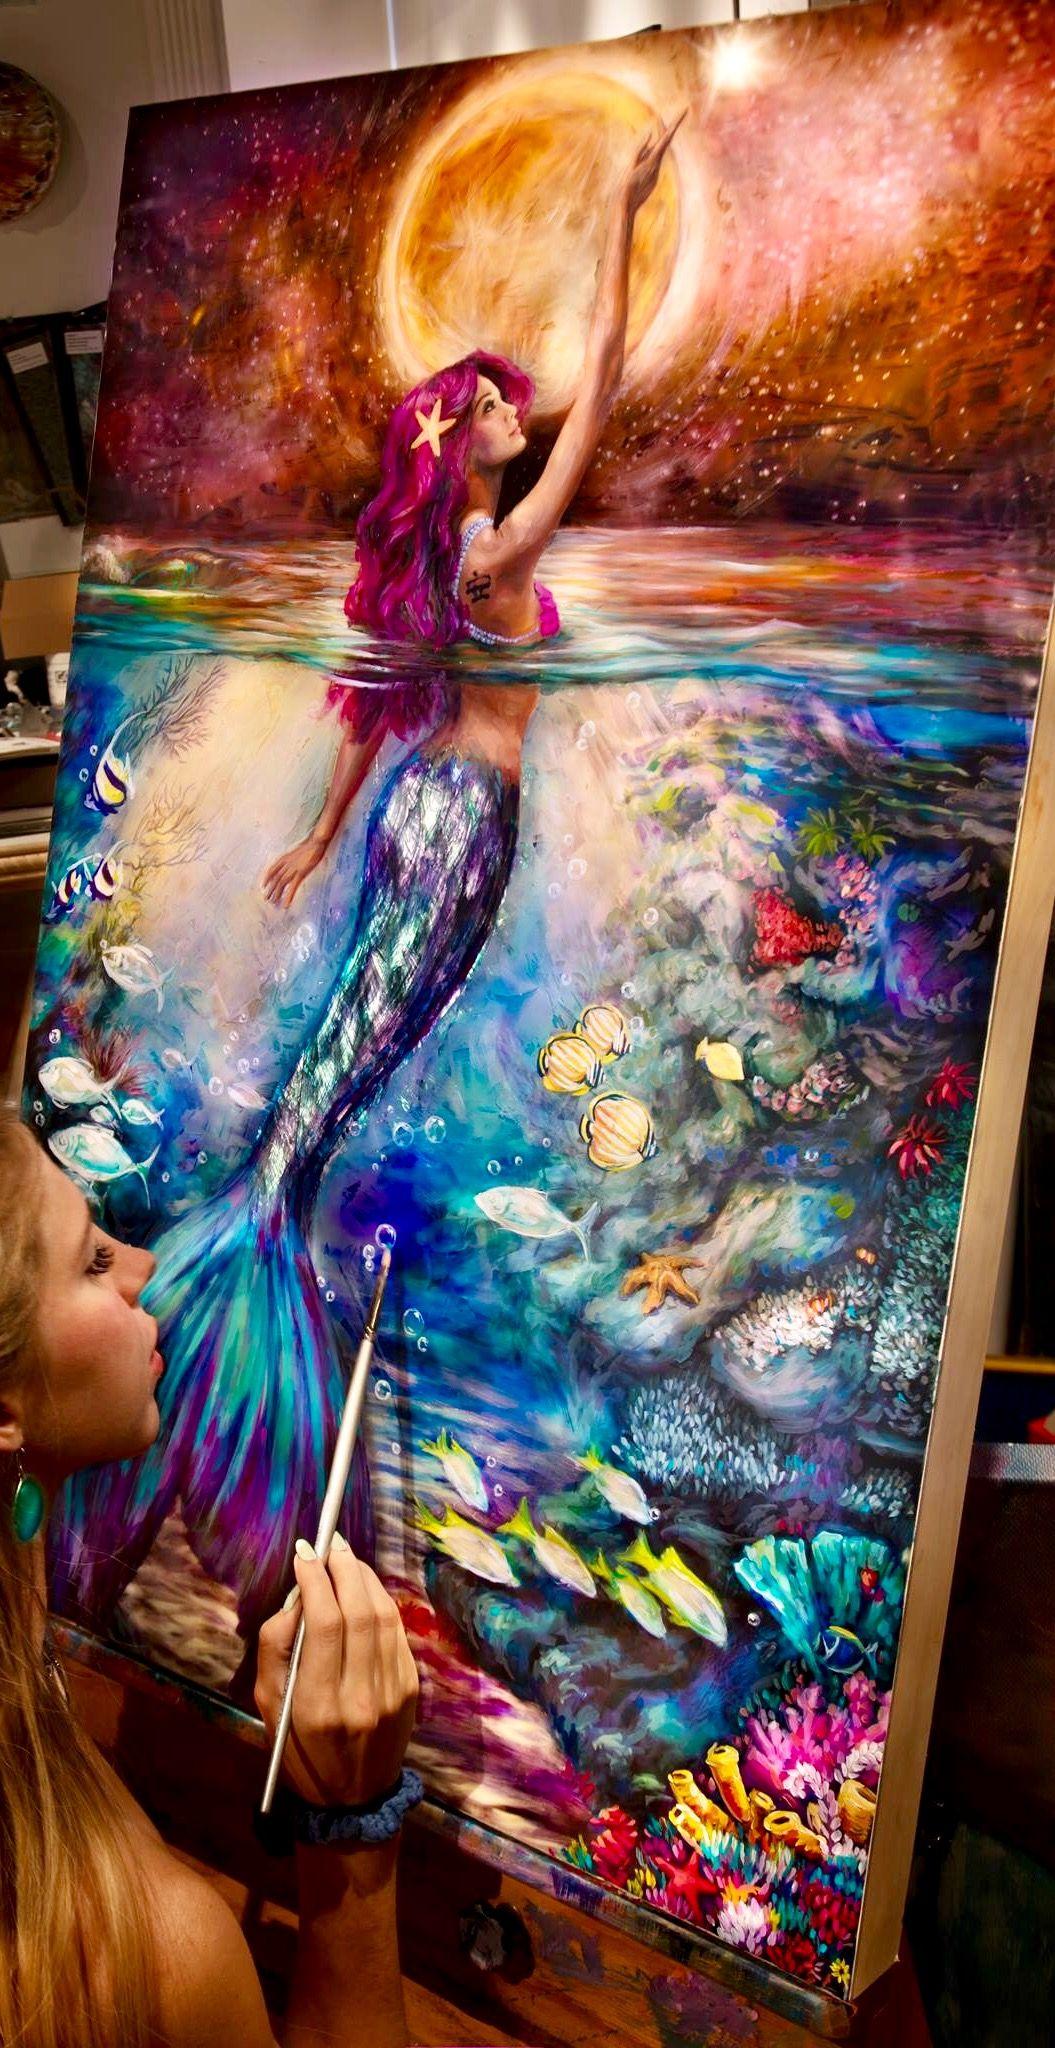 Pin By Joann Savard On Art Amazing Art Painting Mermaid Art Oil Pastel Art